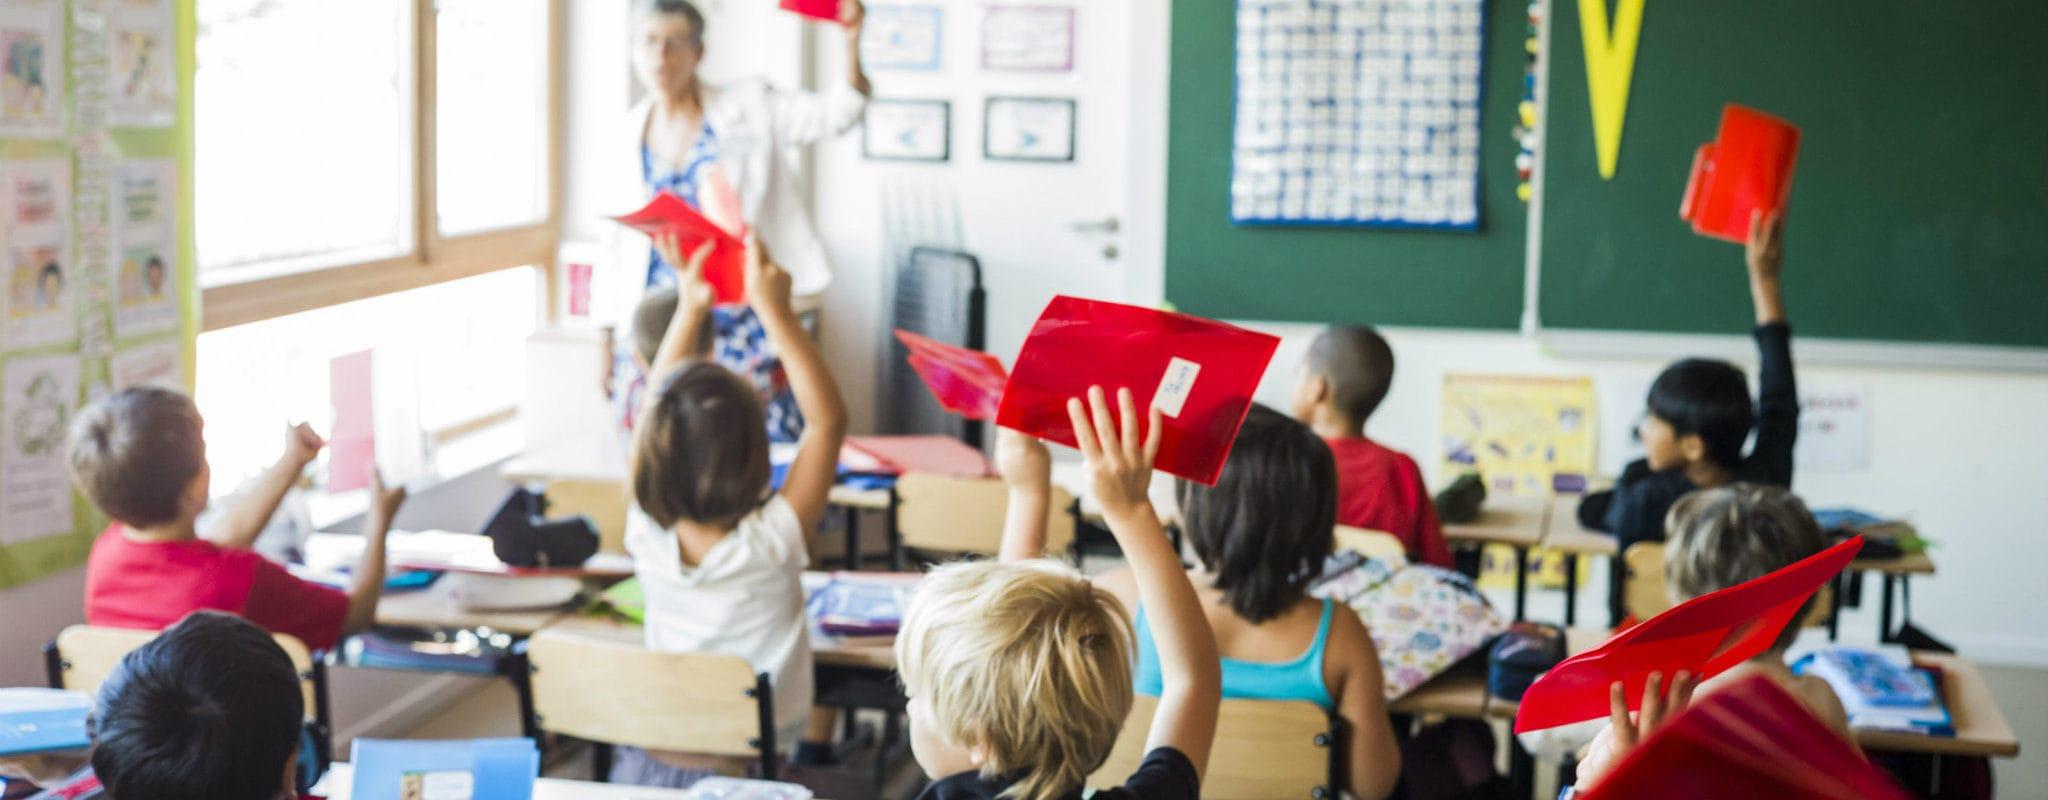 Rythmes scolaires : Strasbourg reste à 4,5 jours mais change son organisation